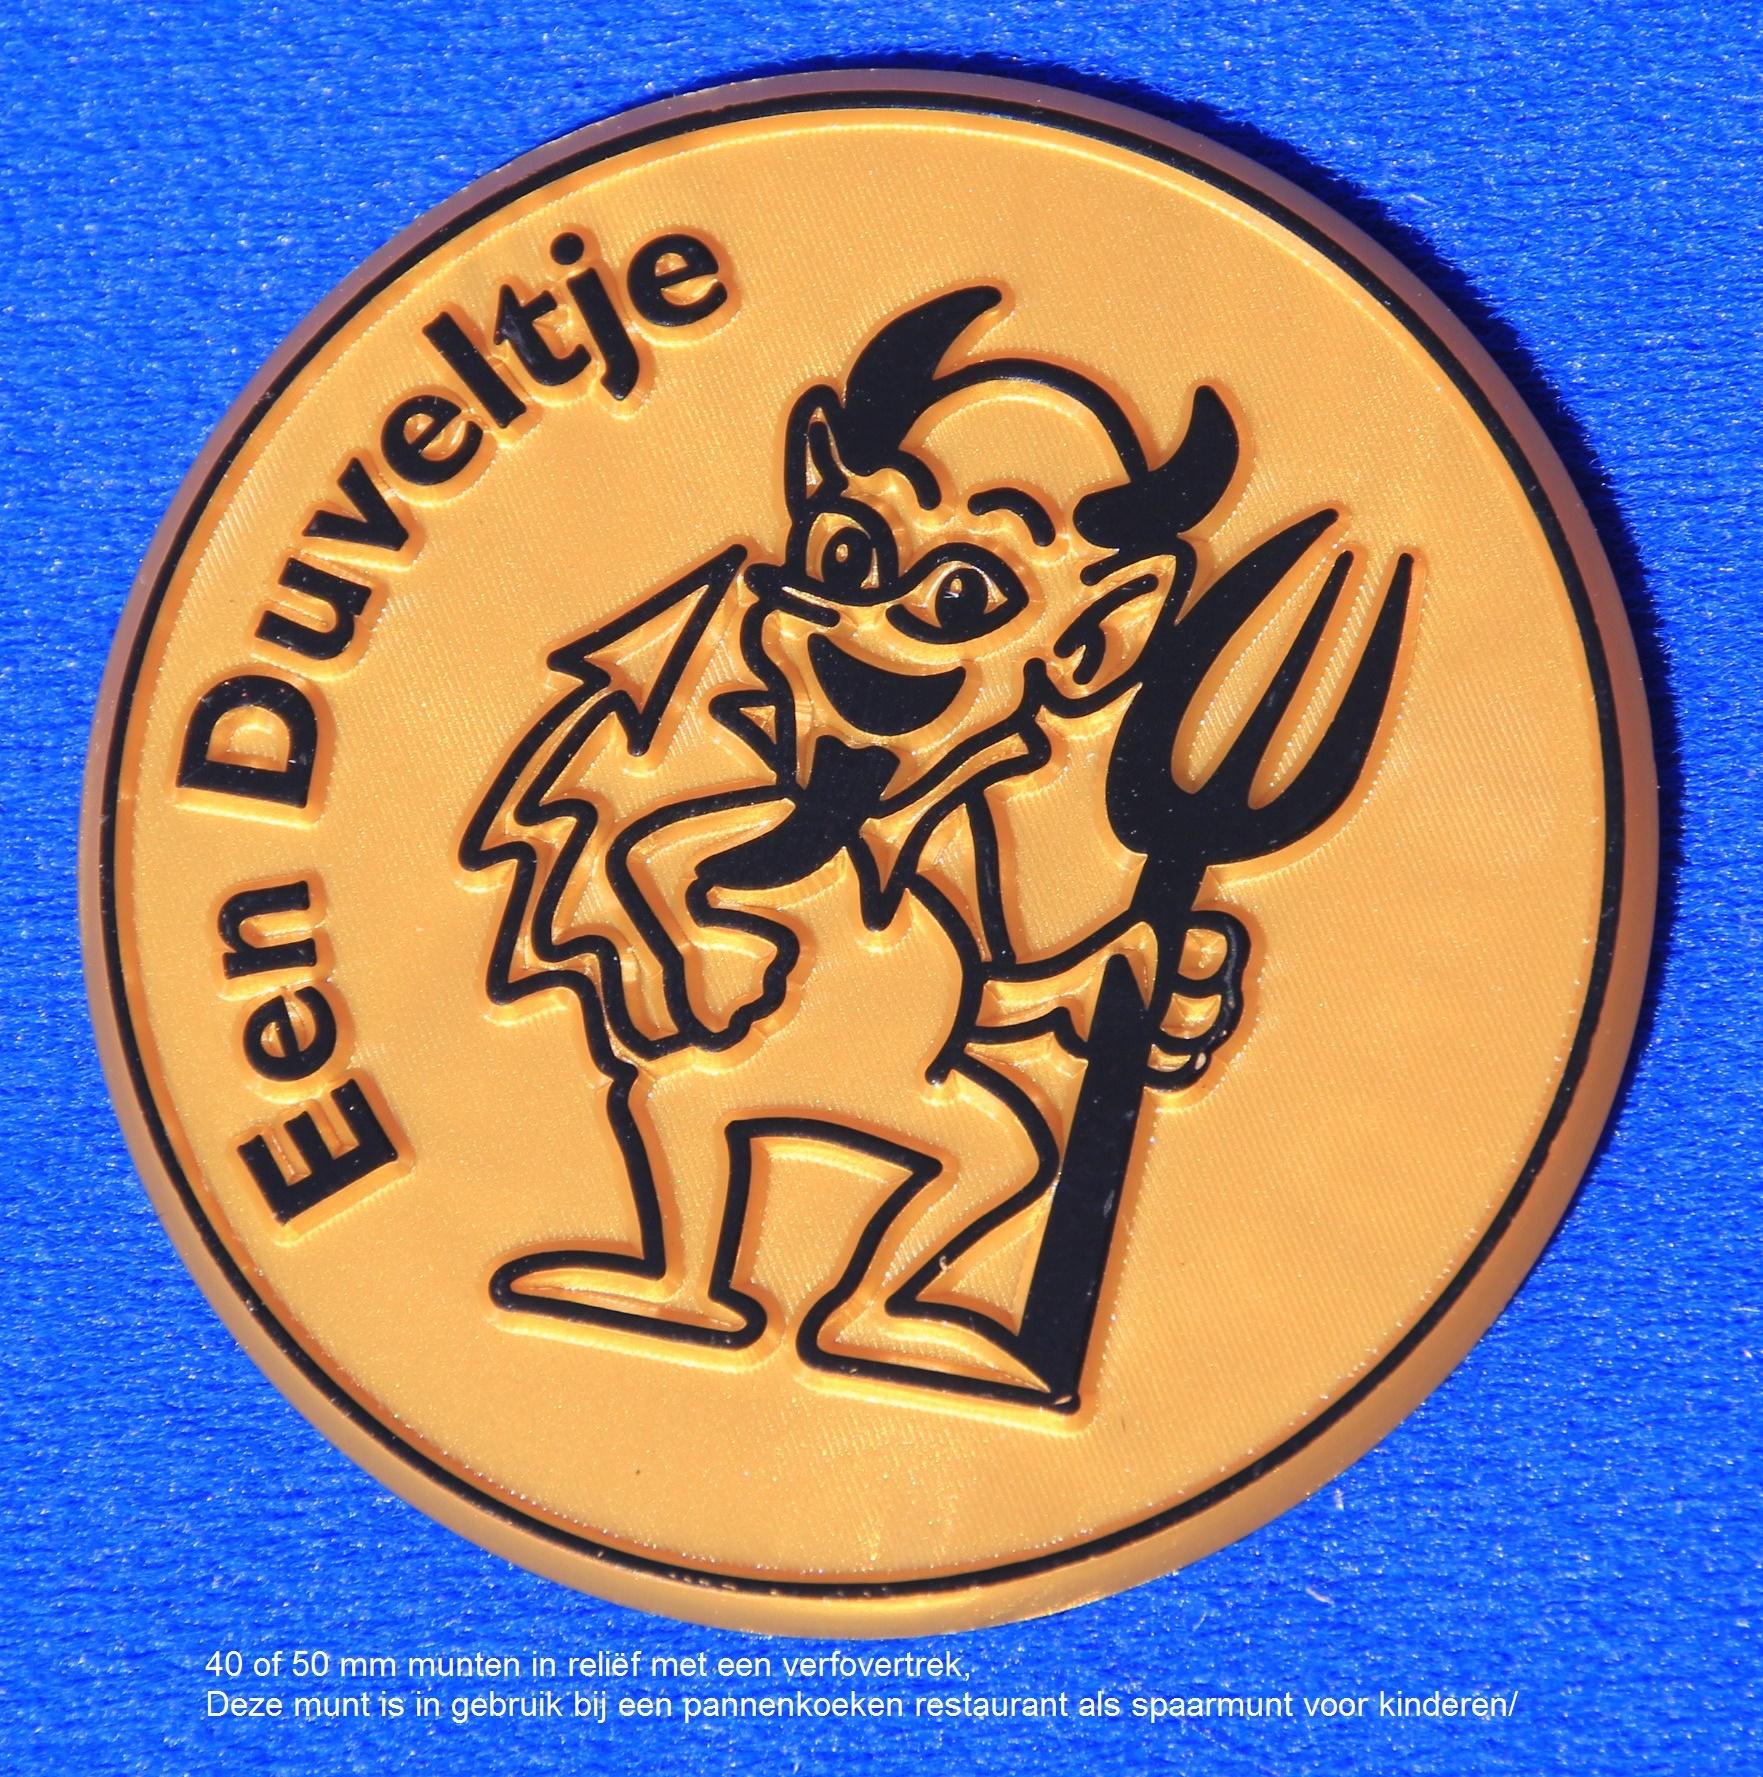 CombiCraft Kunststof Medailles tot 25 cm² in uw ontwerp, prijs per stuk vanaf